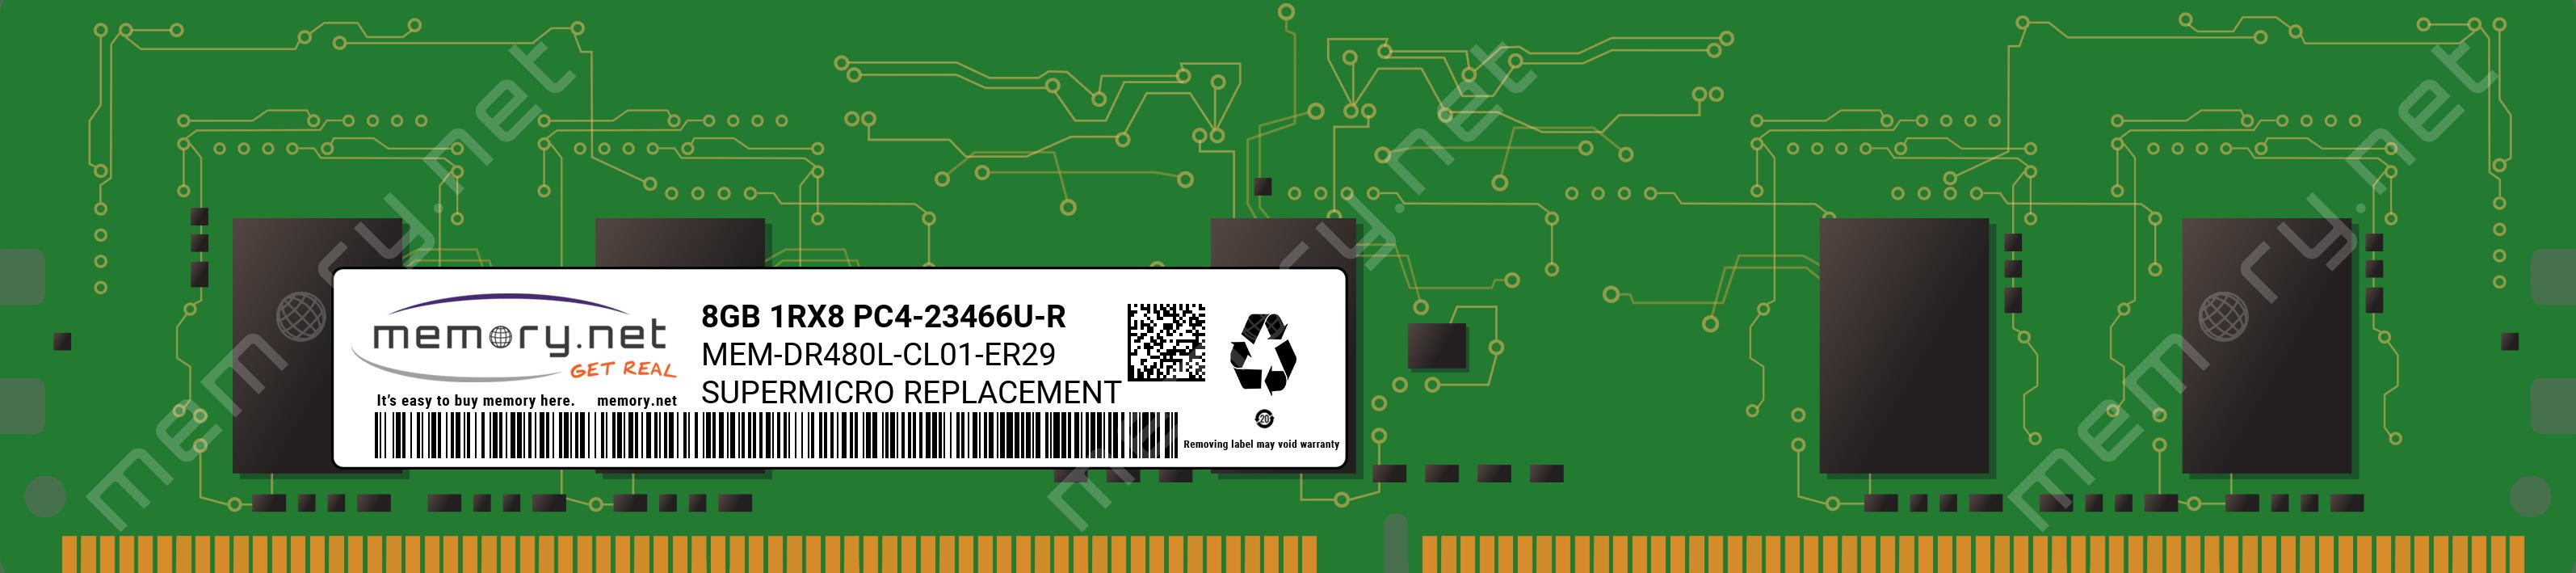 MEM-DR480L-CL01-ER29